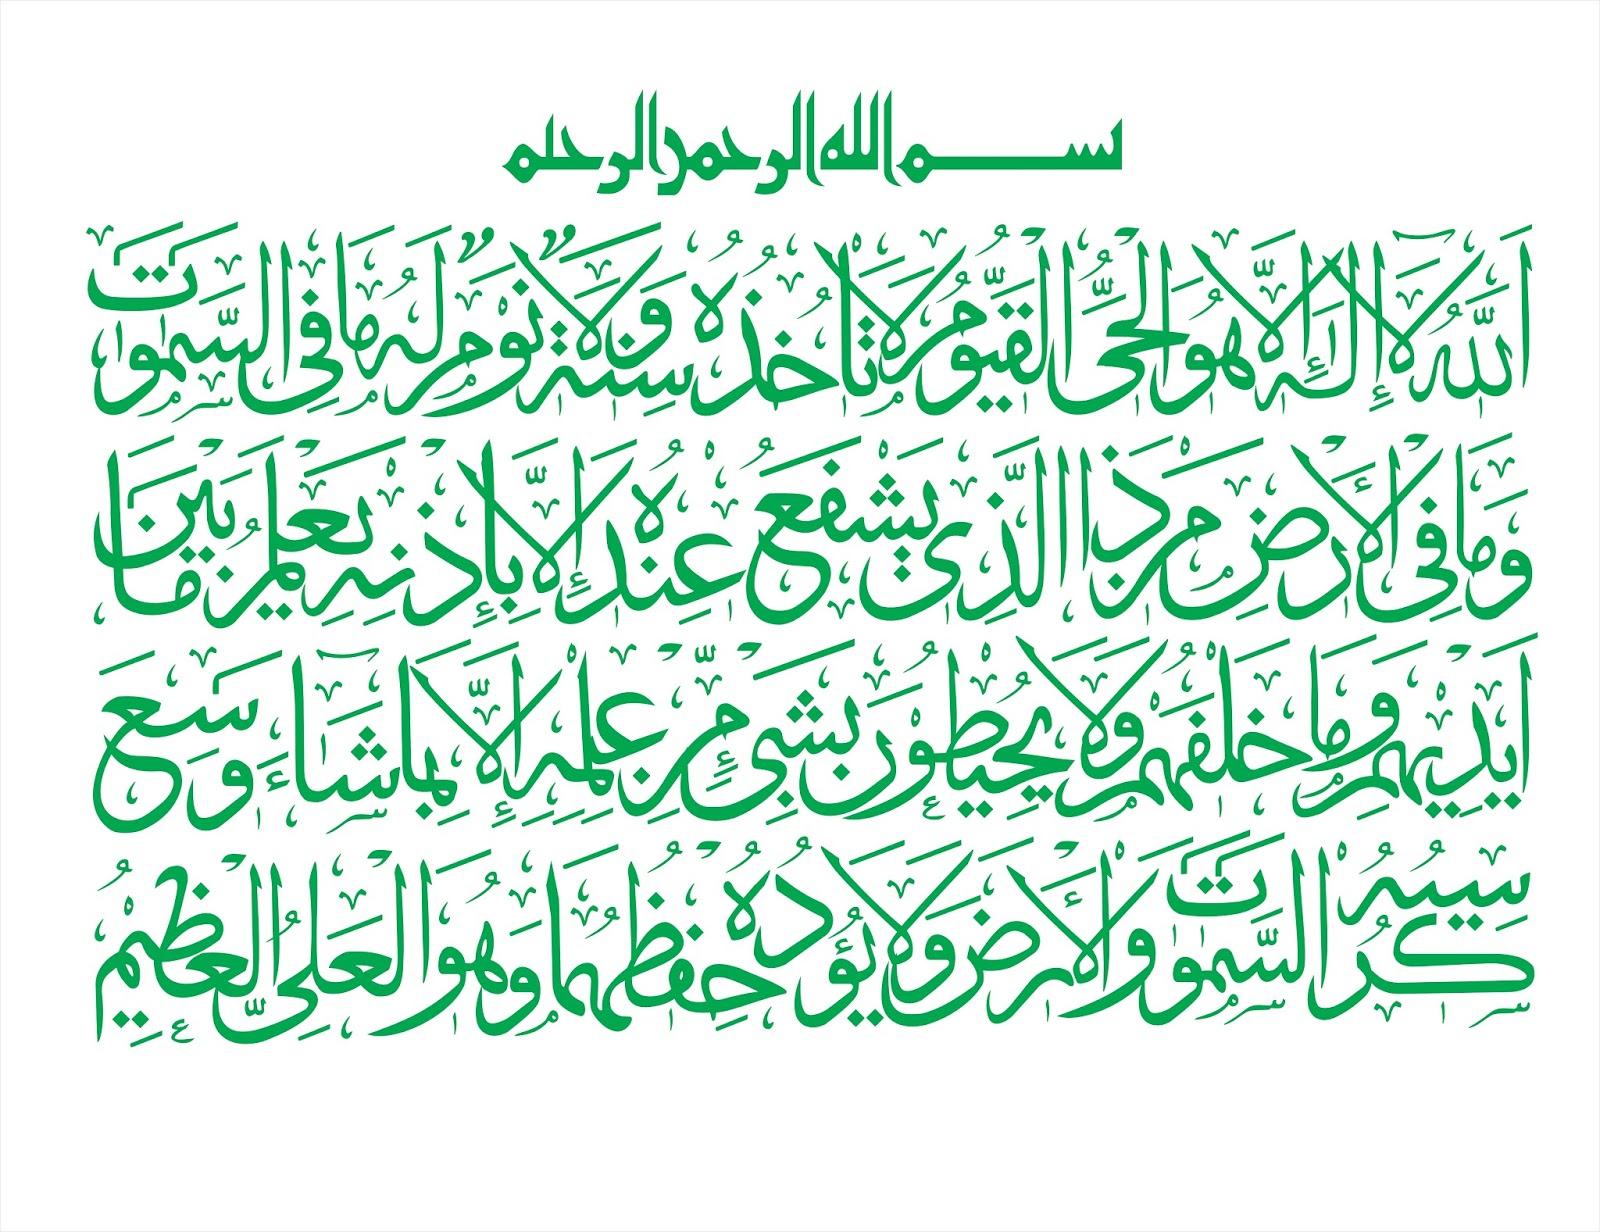 kaligrafi vector ayat kursi cikimm com kaligrafi vector ayat kursi cikimm com